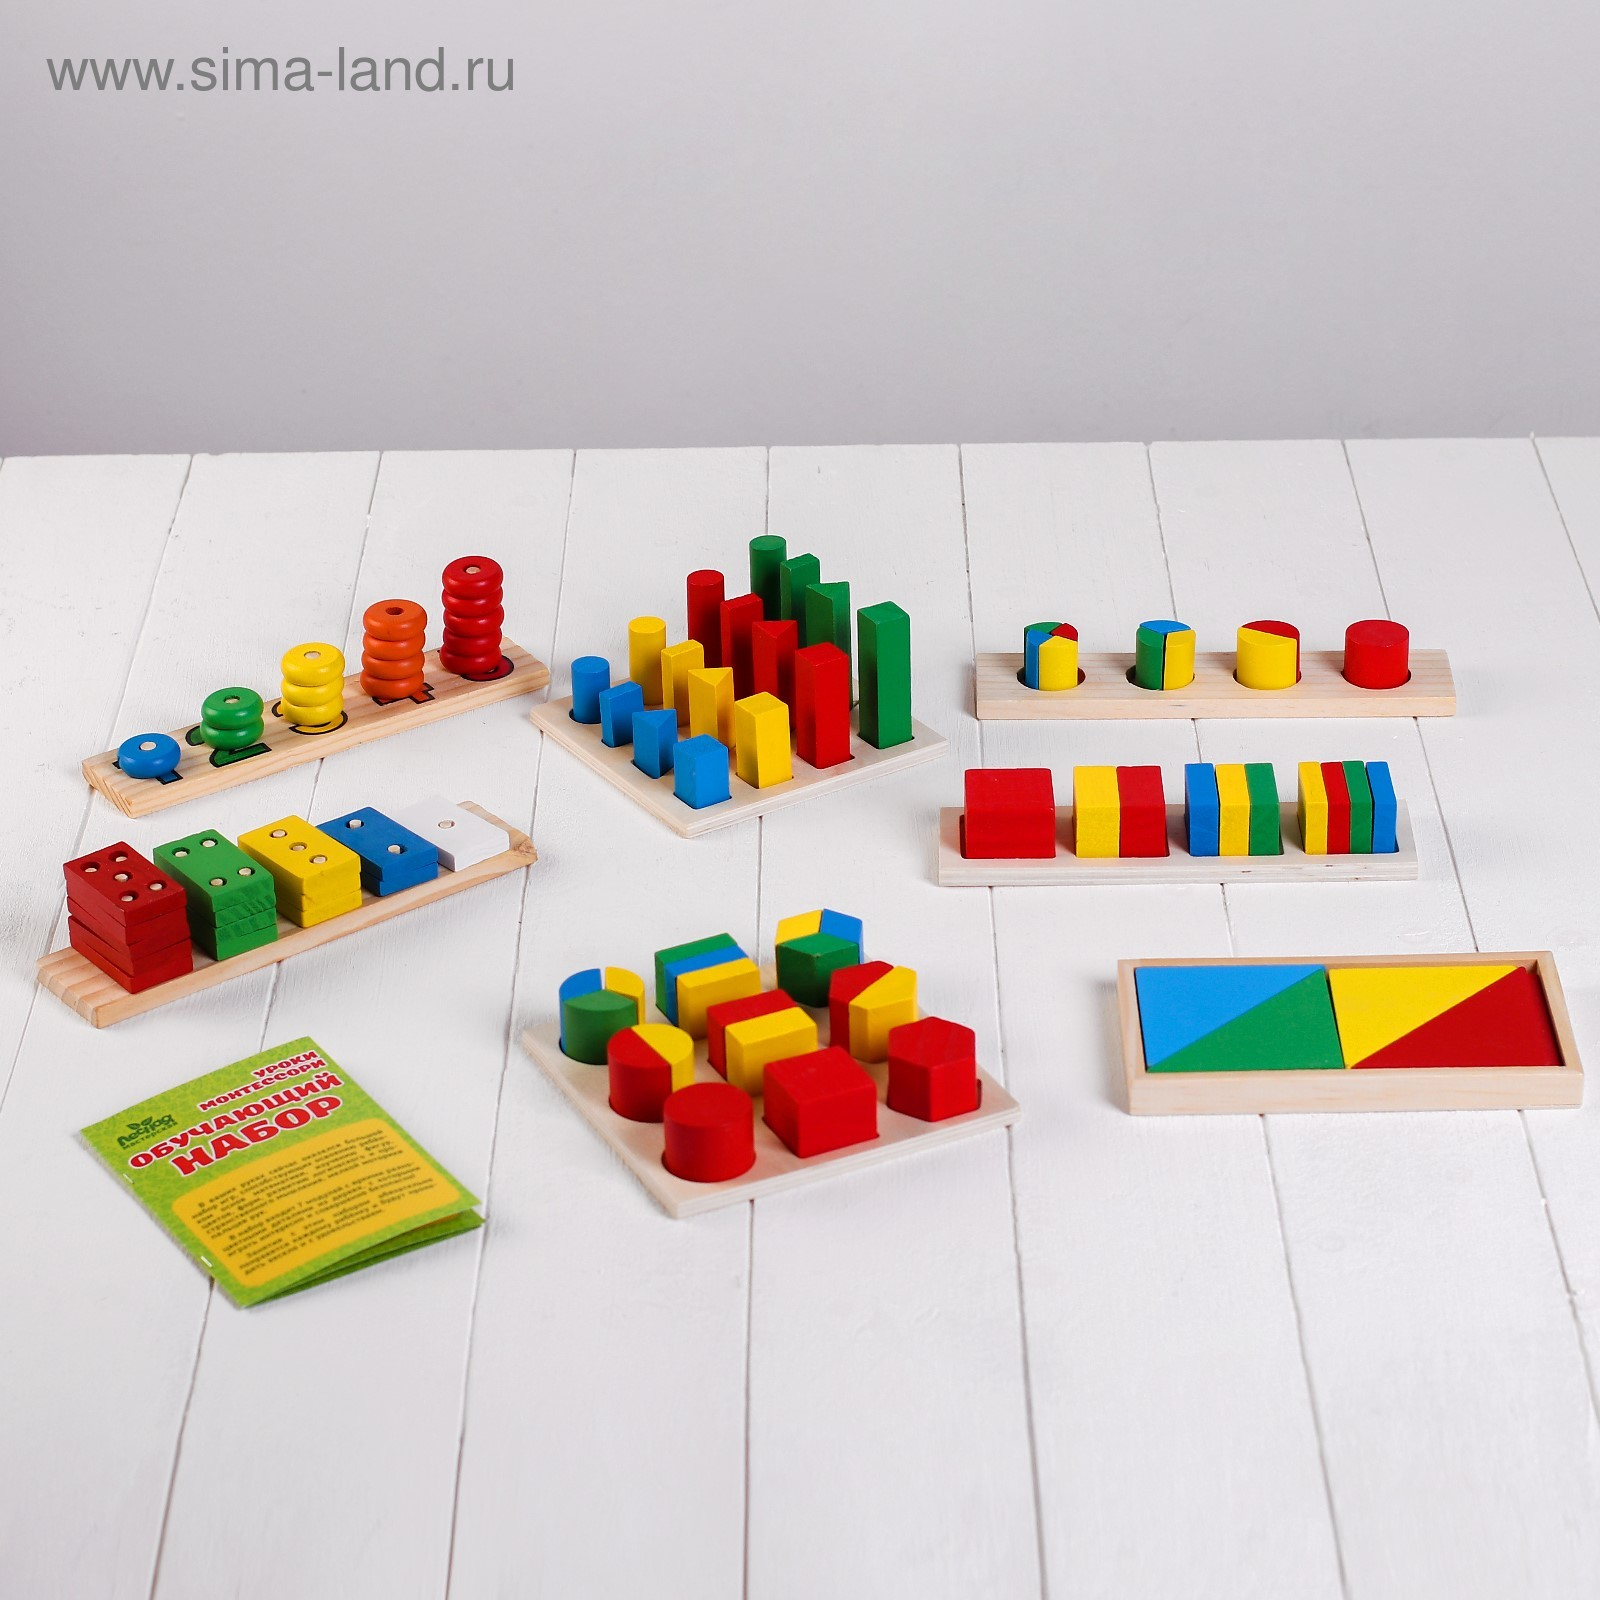 деревянная Обучающий набор Уроки Монтессори 7 игрушек